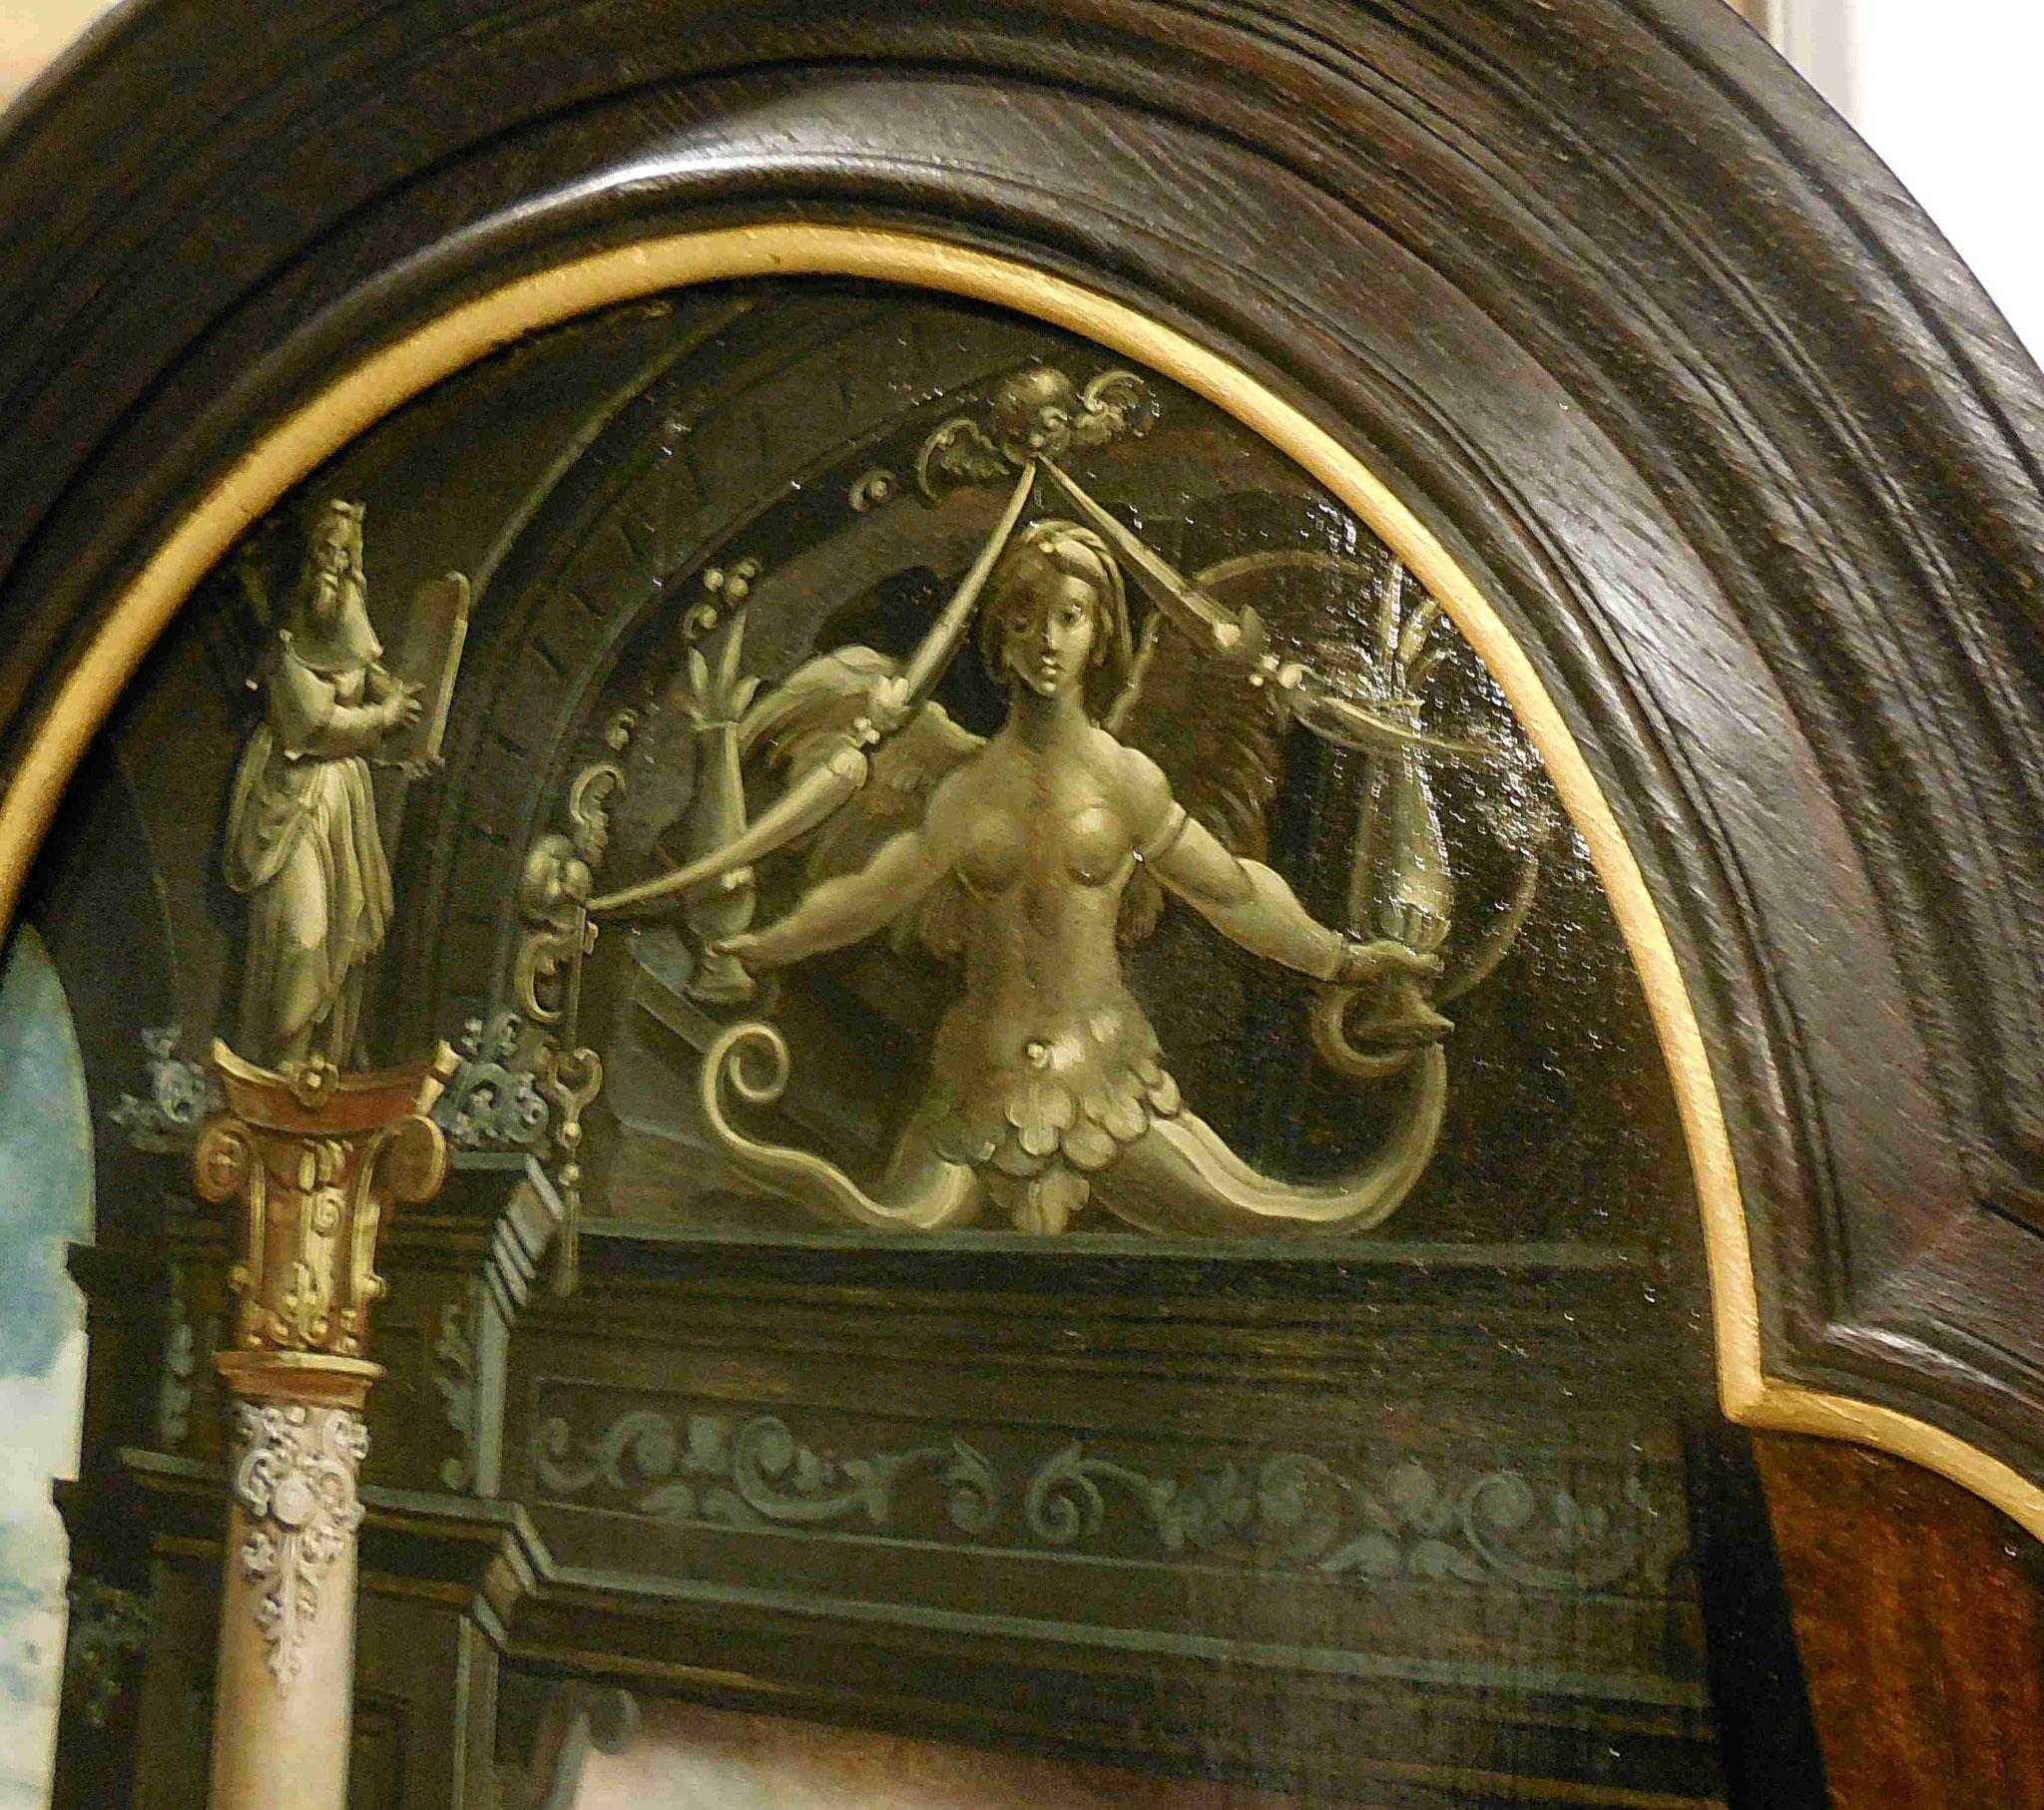 Pieter Coecke van Aelst, Vierge aux cerises, détail du décor style grotesque